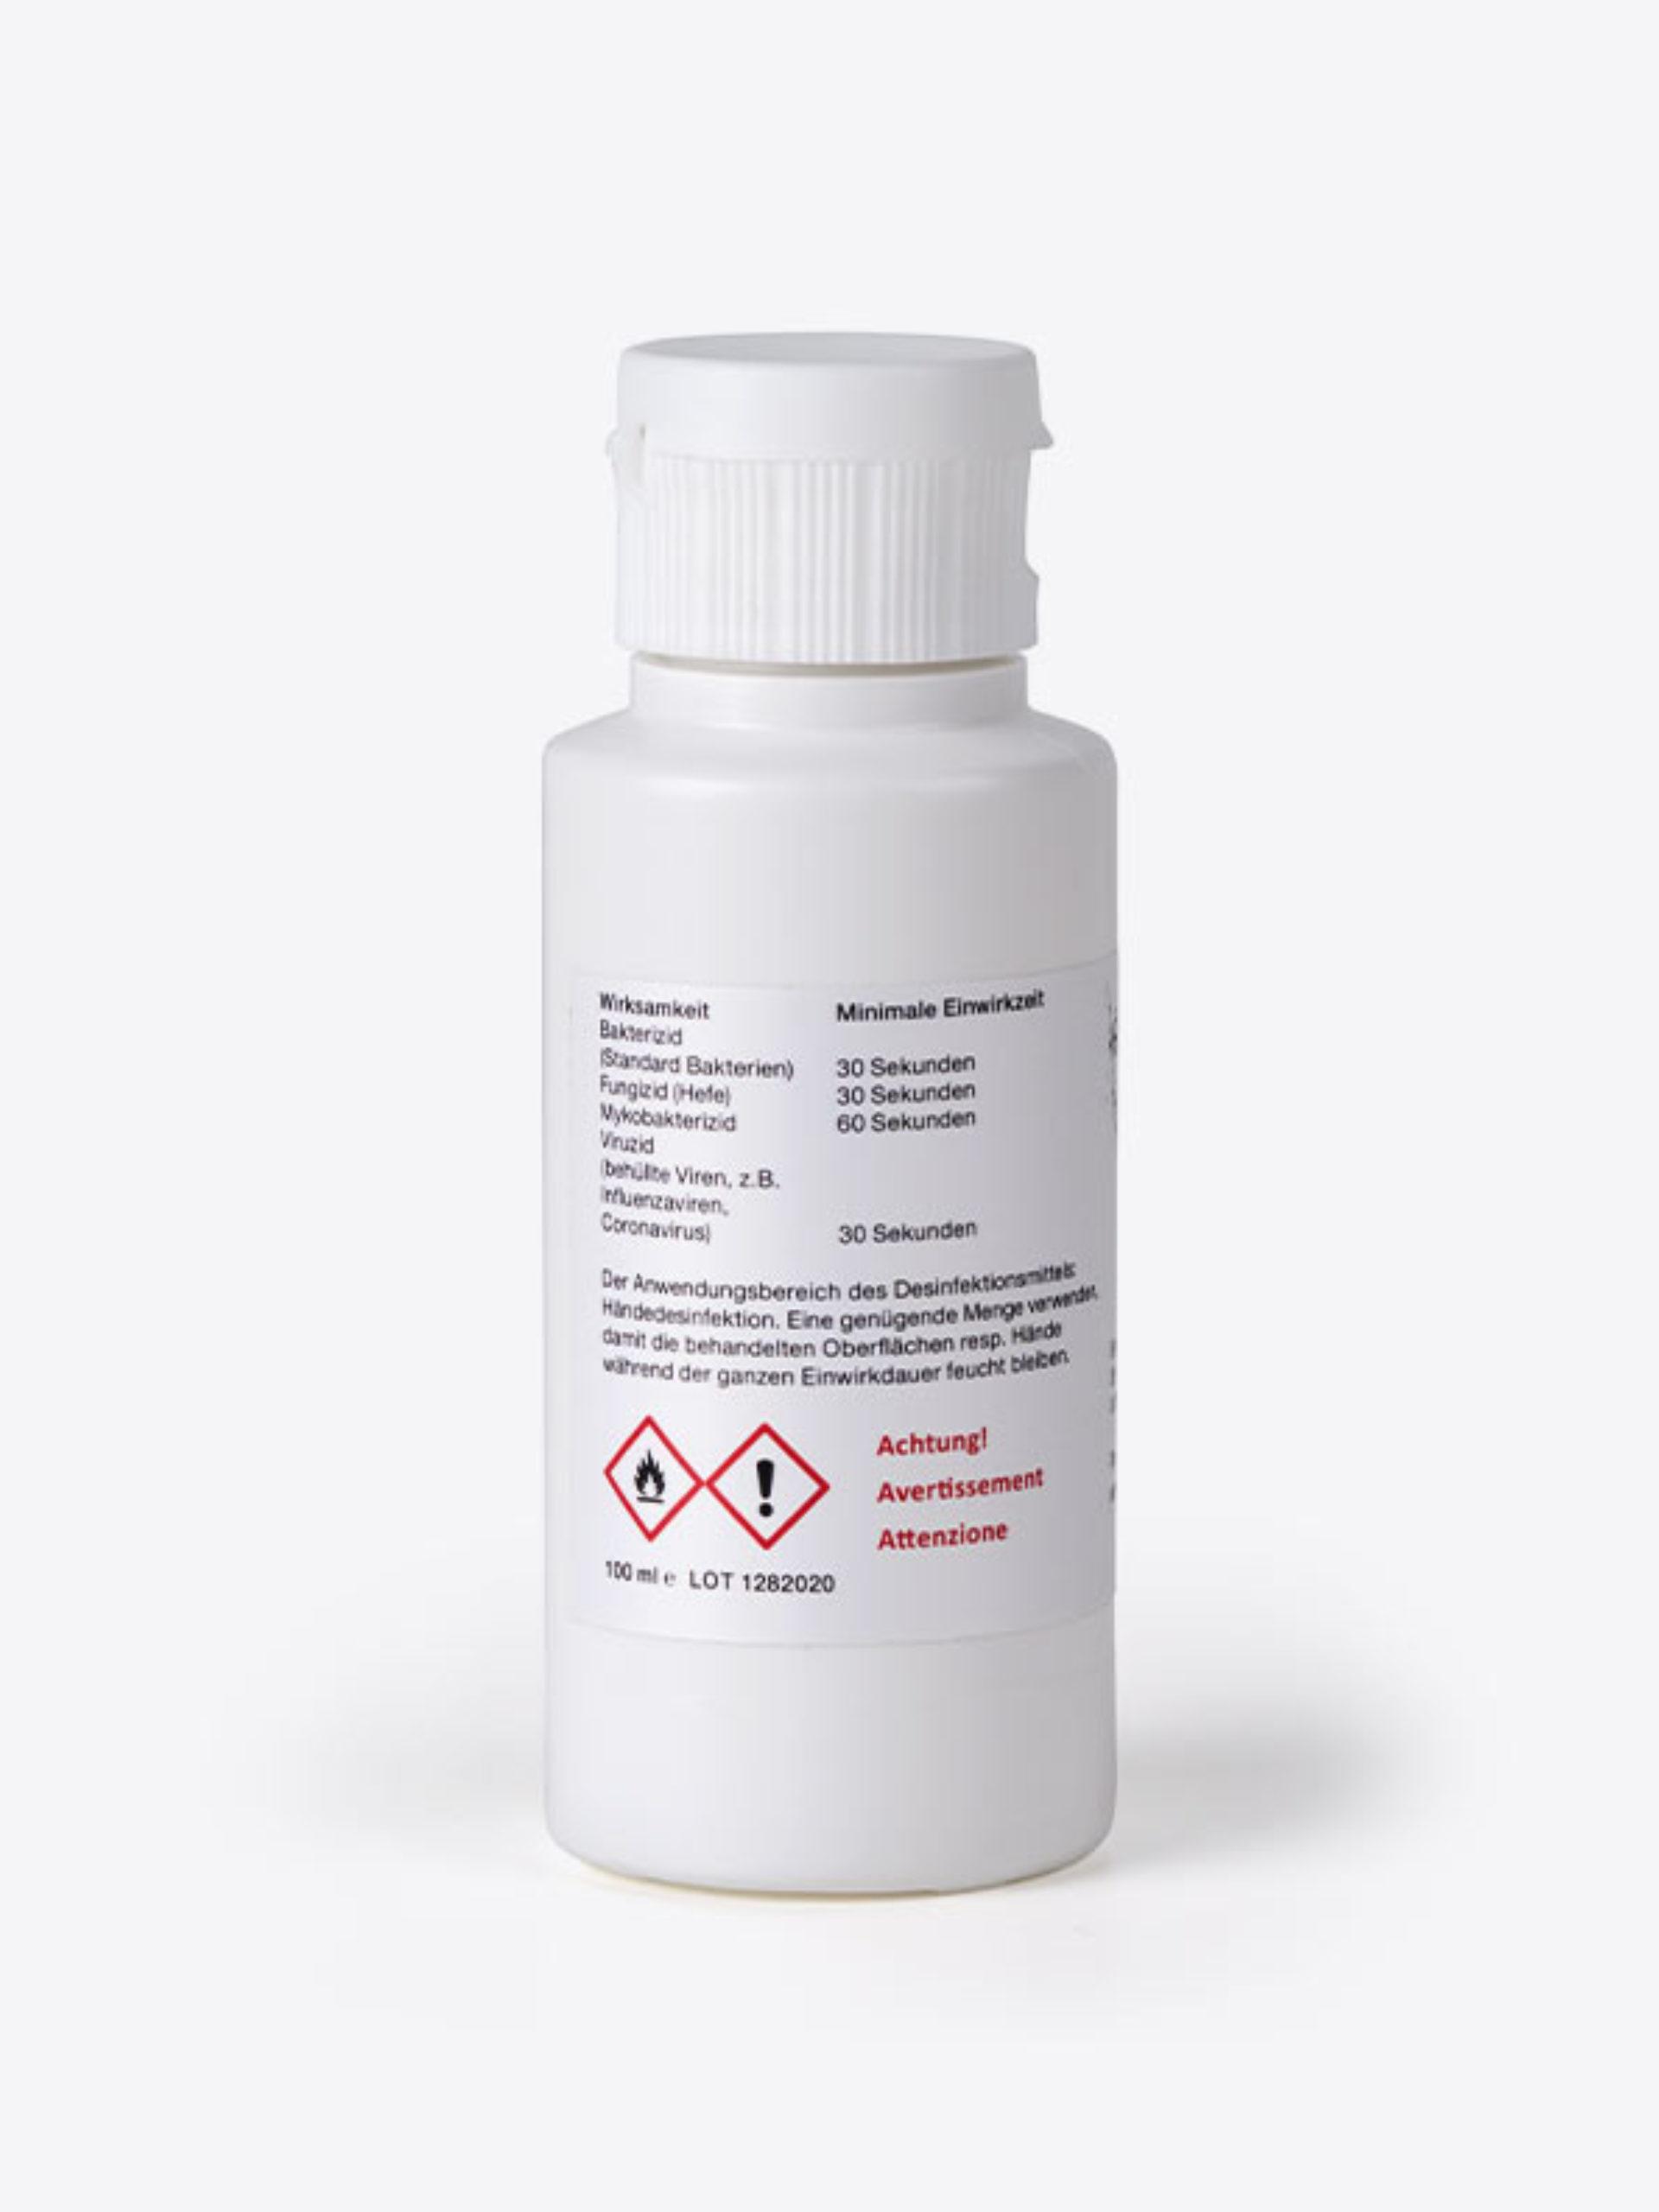 Desinfektionsmittel Bestellen Schweiz Zurich